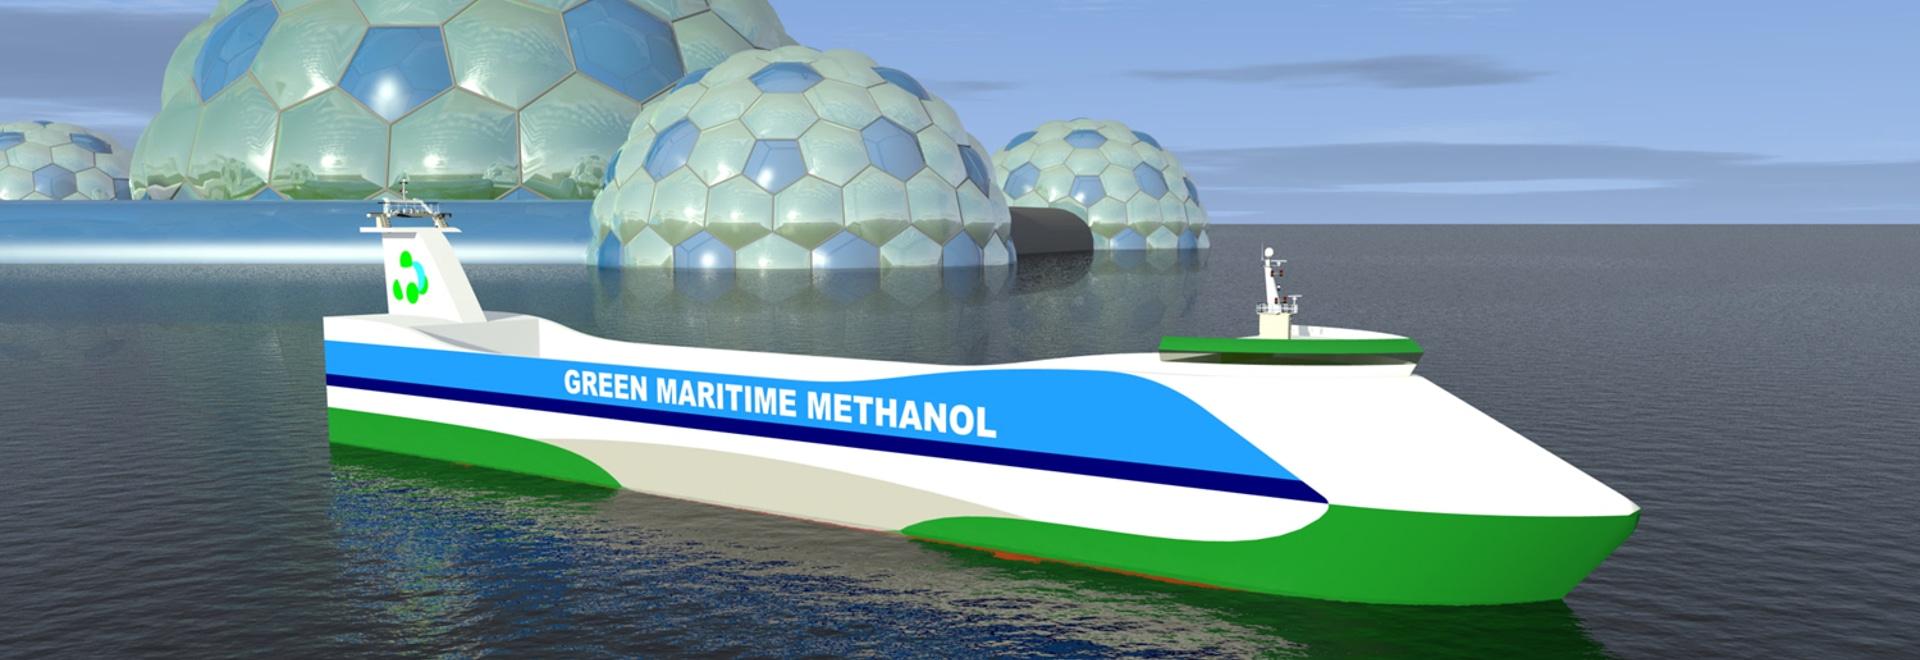 Los astilleros holandeses investigan una alternativa de combustible sostenible